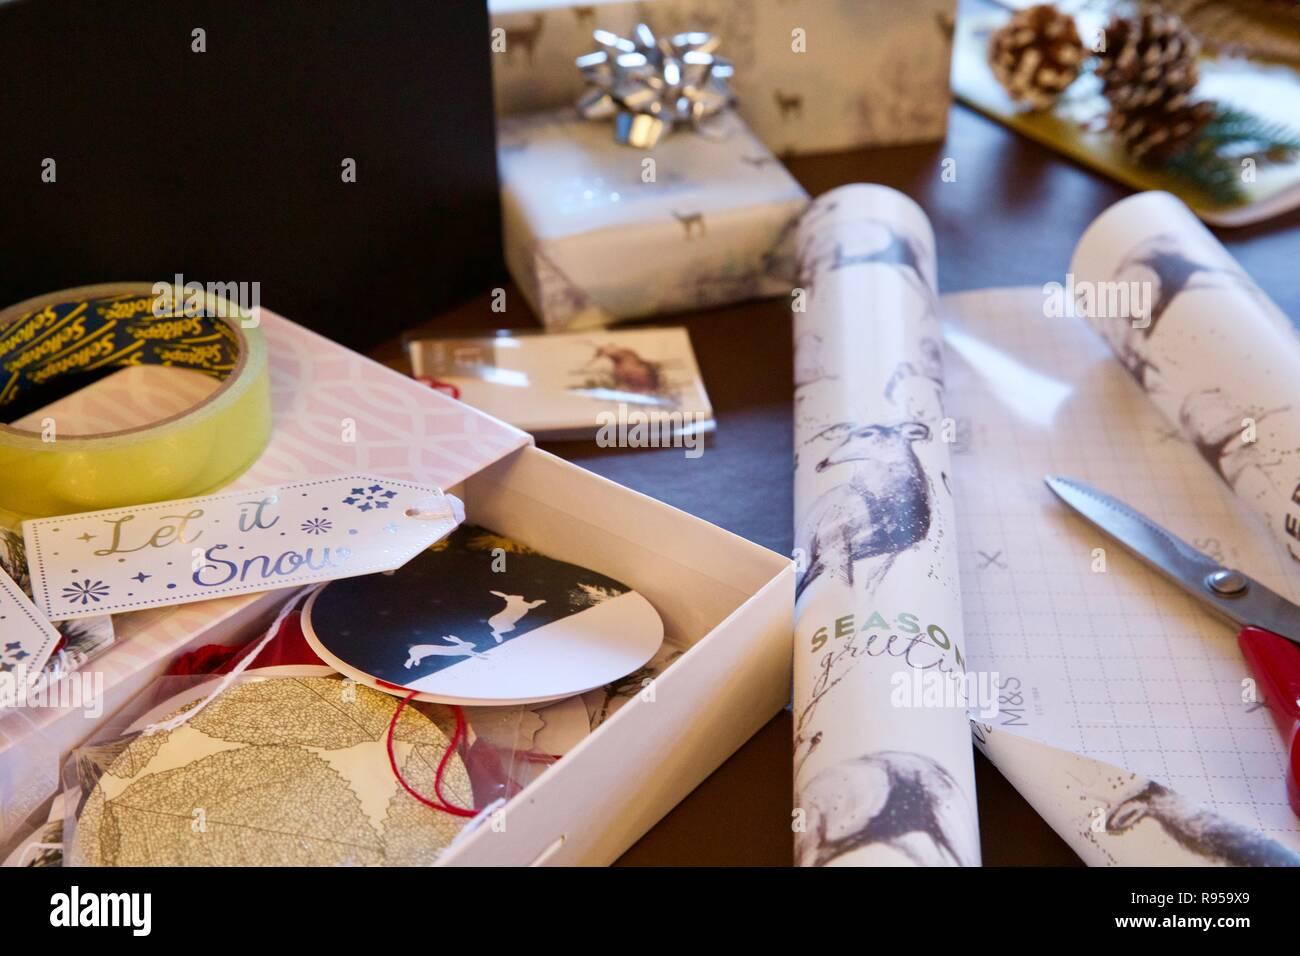 Regalo de Navidad de papel de embalaje, etiquetas y tijeras Imagen De Stock